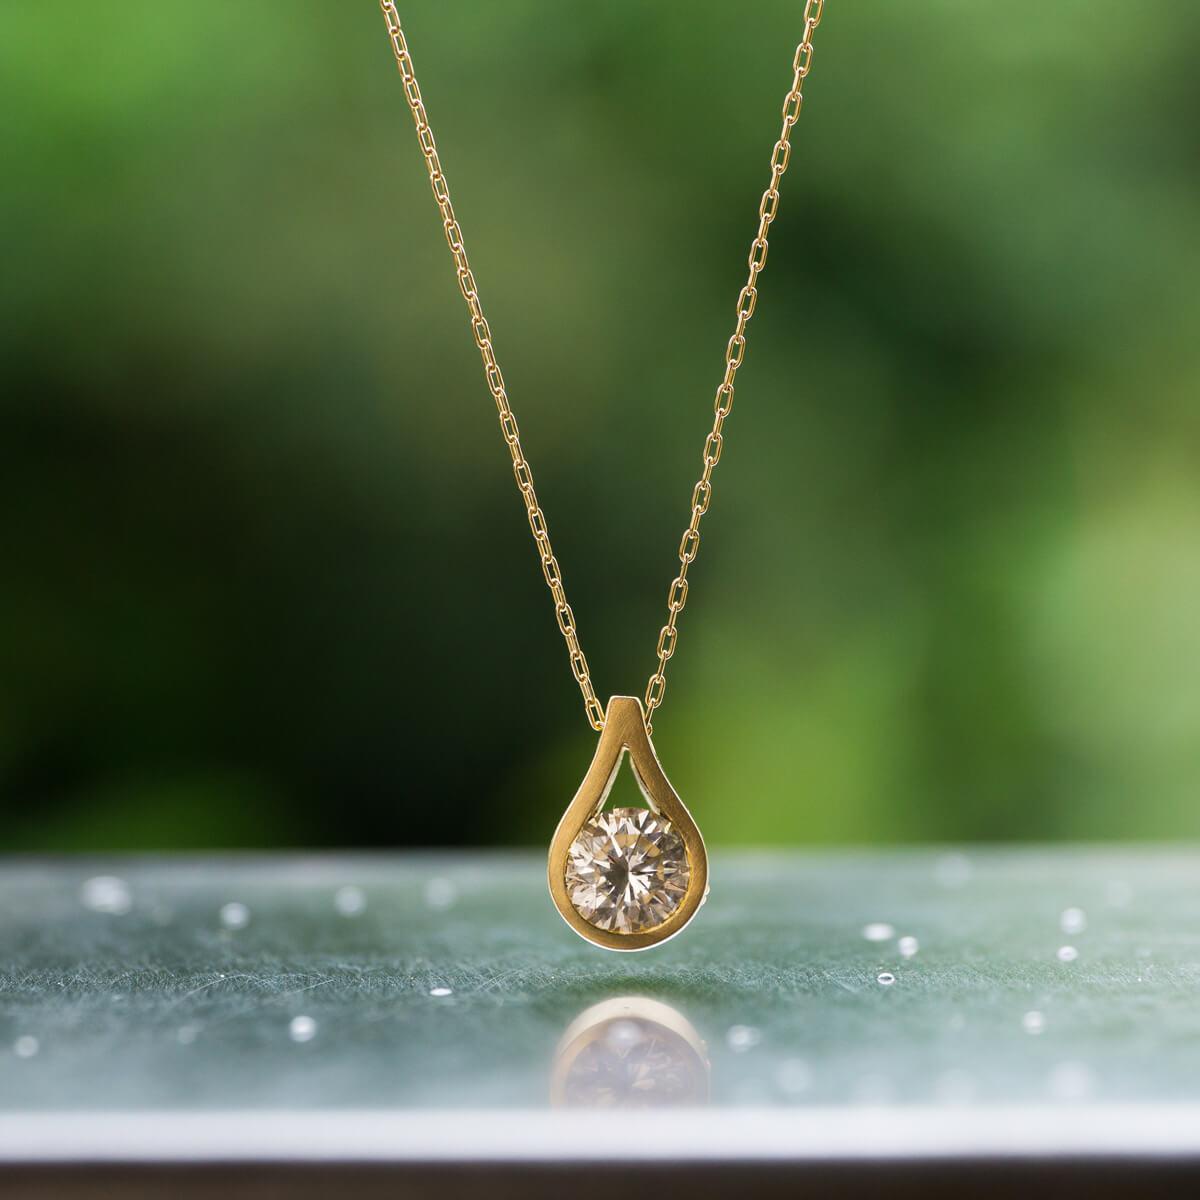 屋久島の緑バックに しずく型のネックレス 屋久島の雨モチーフ ジェリーのアトリエ ゴールド、ダイヤモンド オーダーメイドのリメイクジュエリー 屋久島でつくる結婚指輪